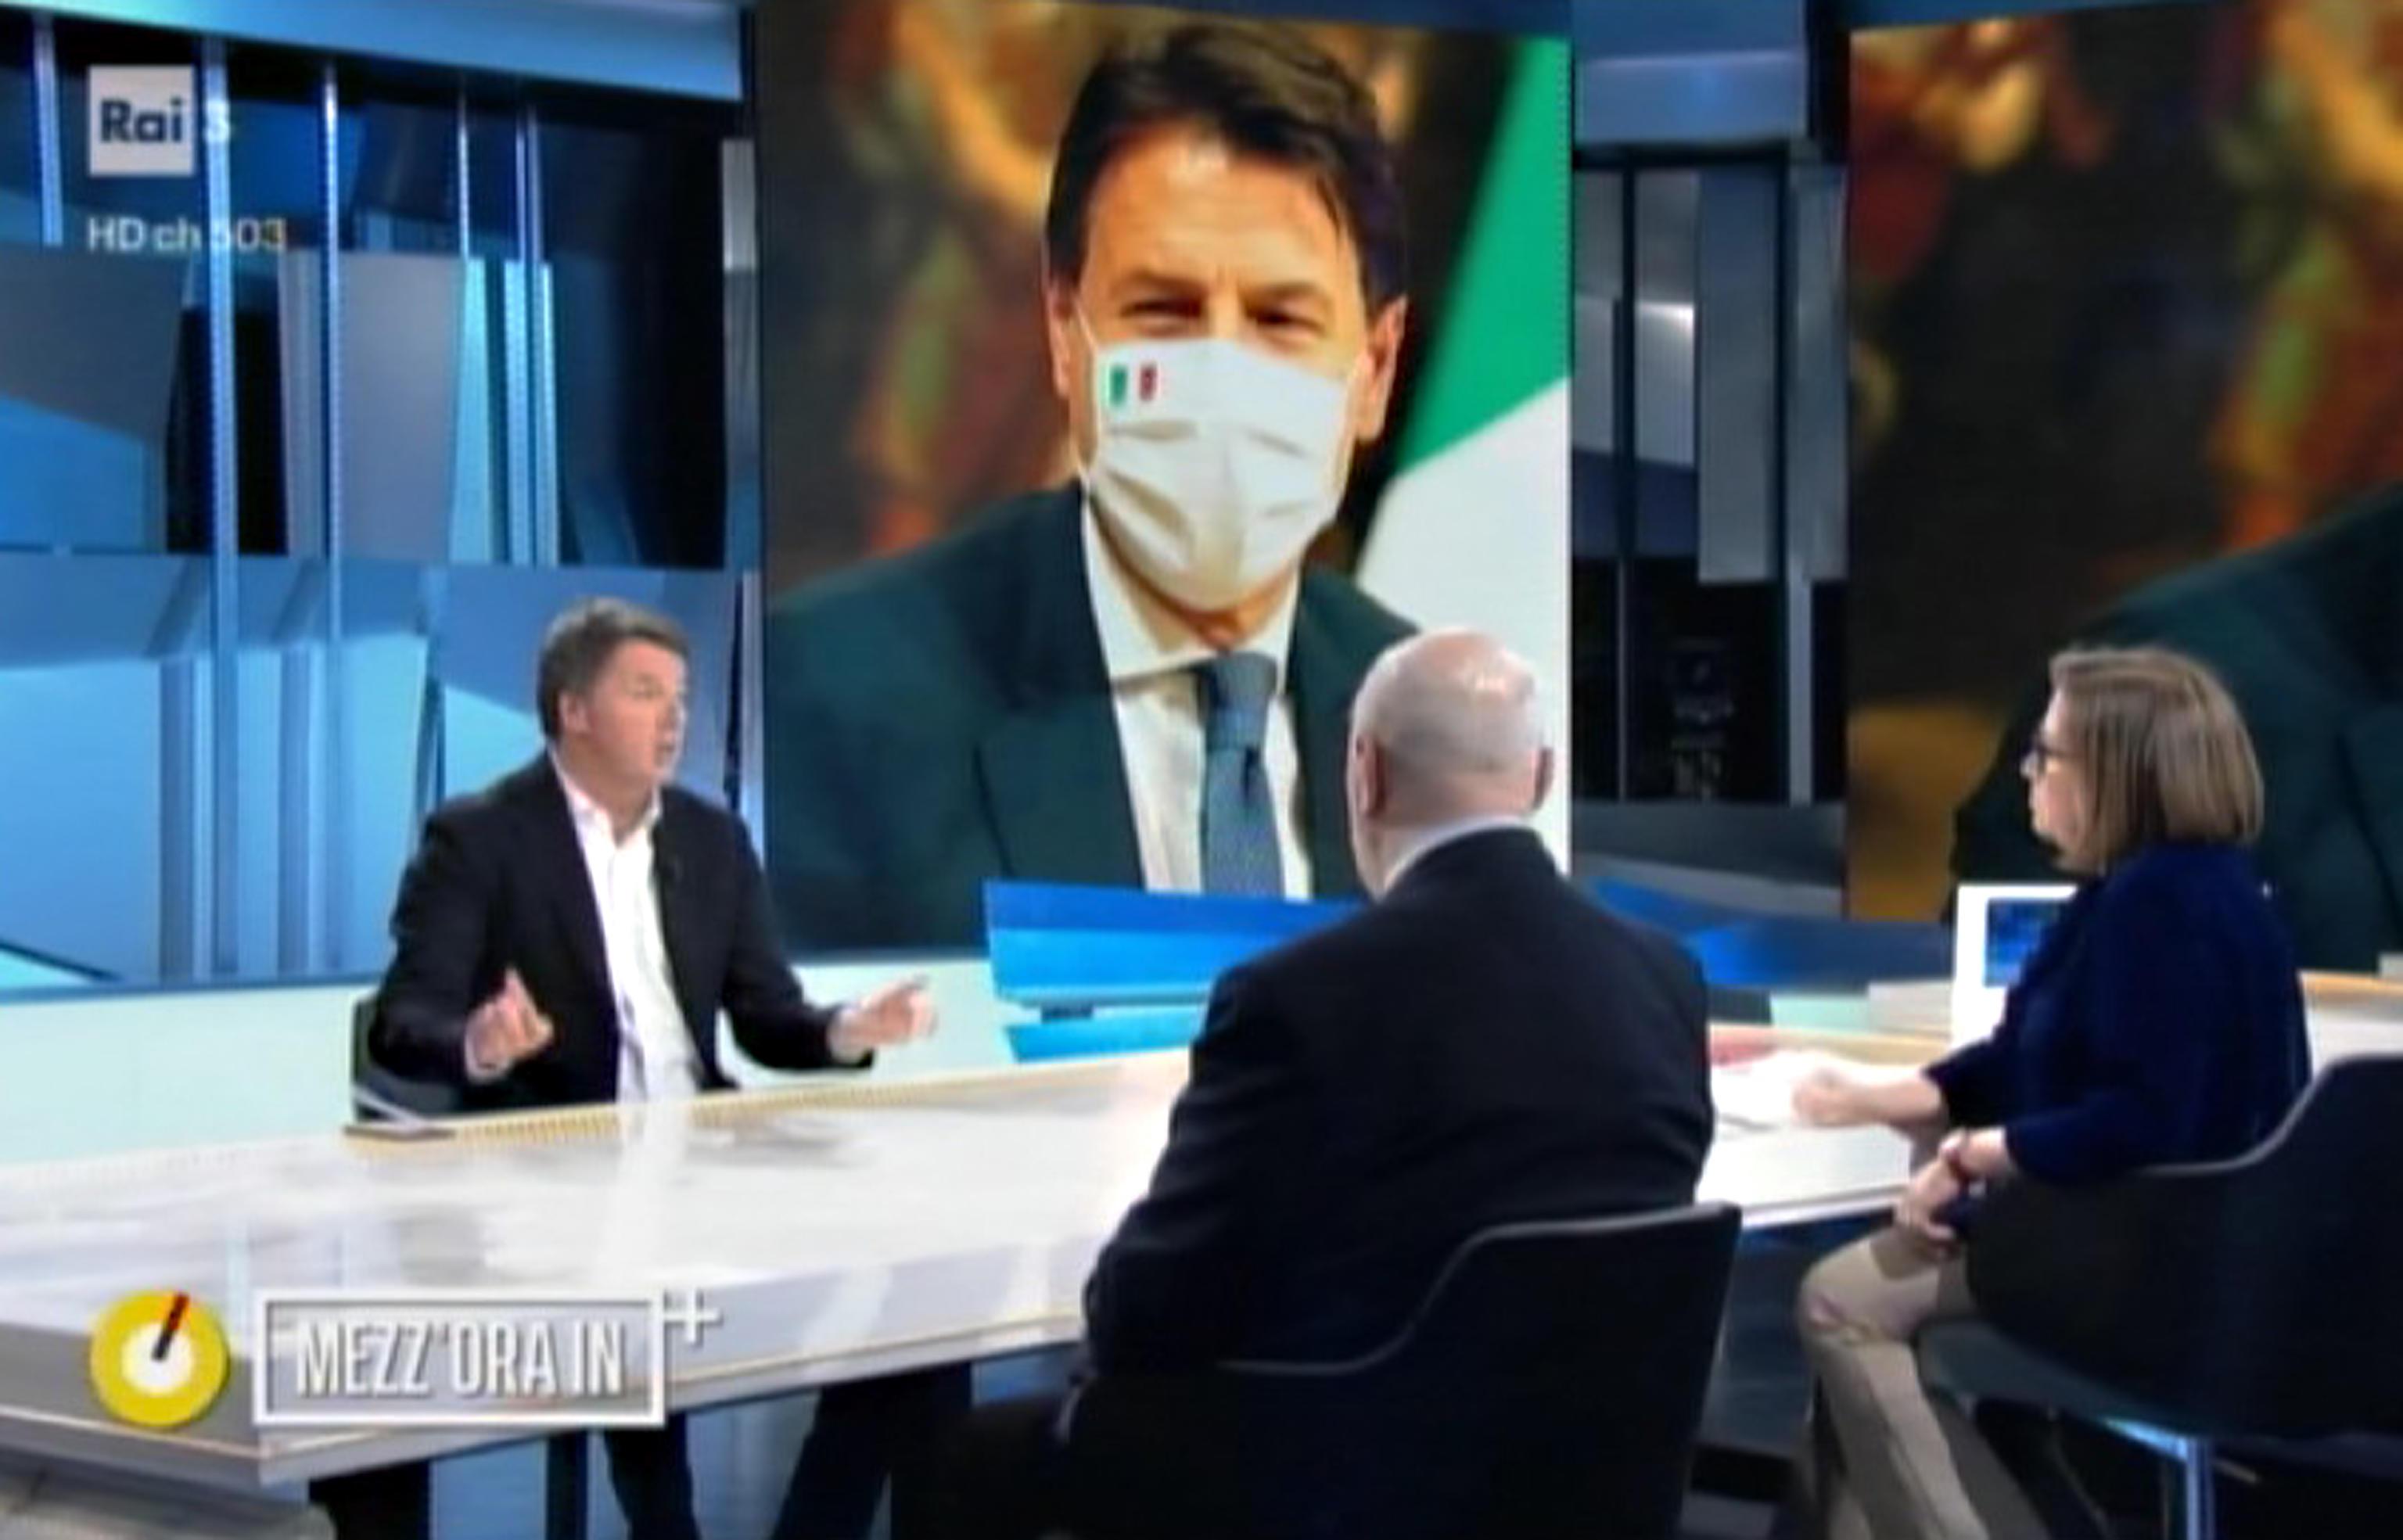 Crisi di governo, Renzi sfida l'esecutivo: «Non avrà la maggioranza in Aula» – Il video